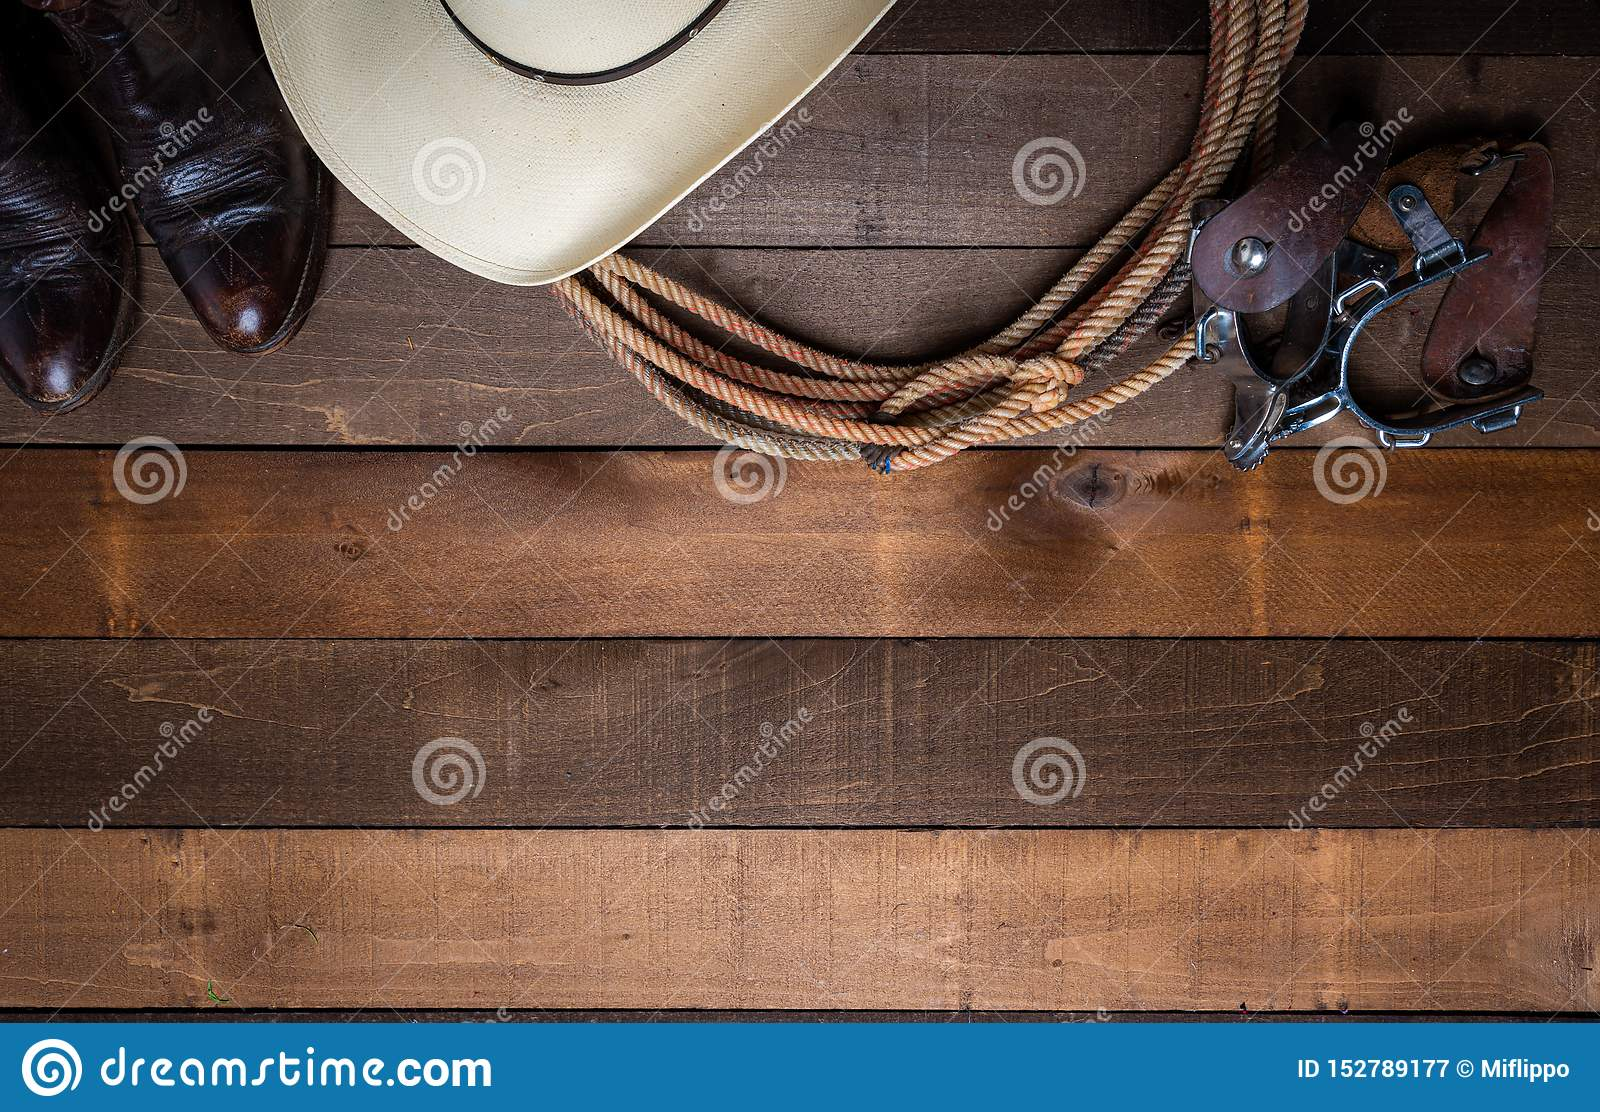 Американские детали ковбоя incluing шпоры лассо и традиционная соломенная шляпа на деревянной предпосылке планки